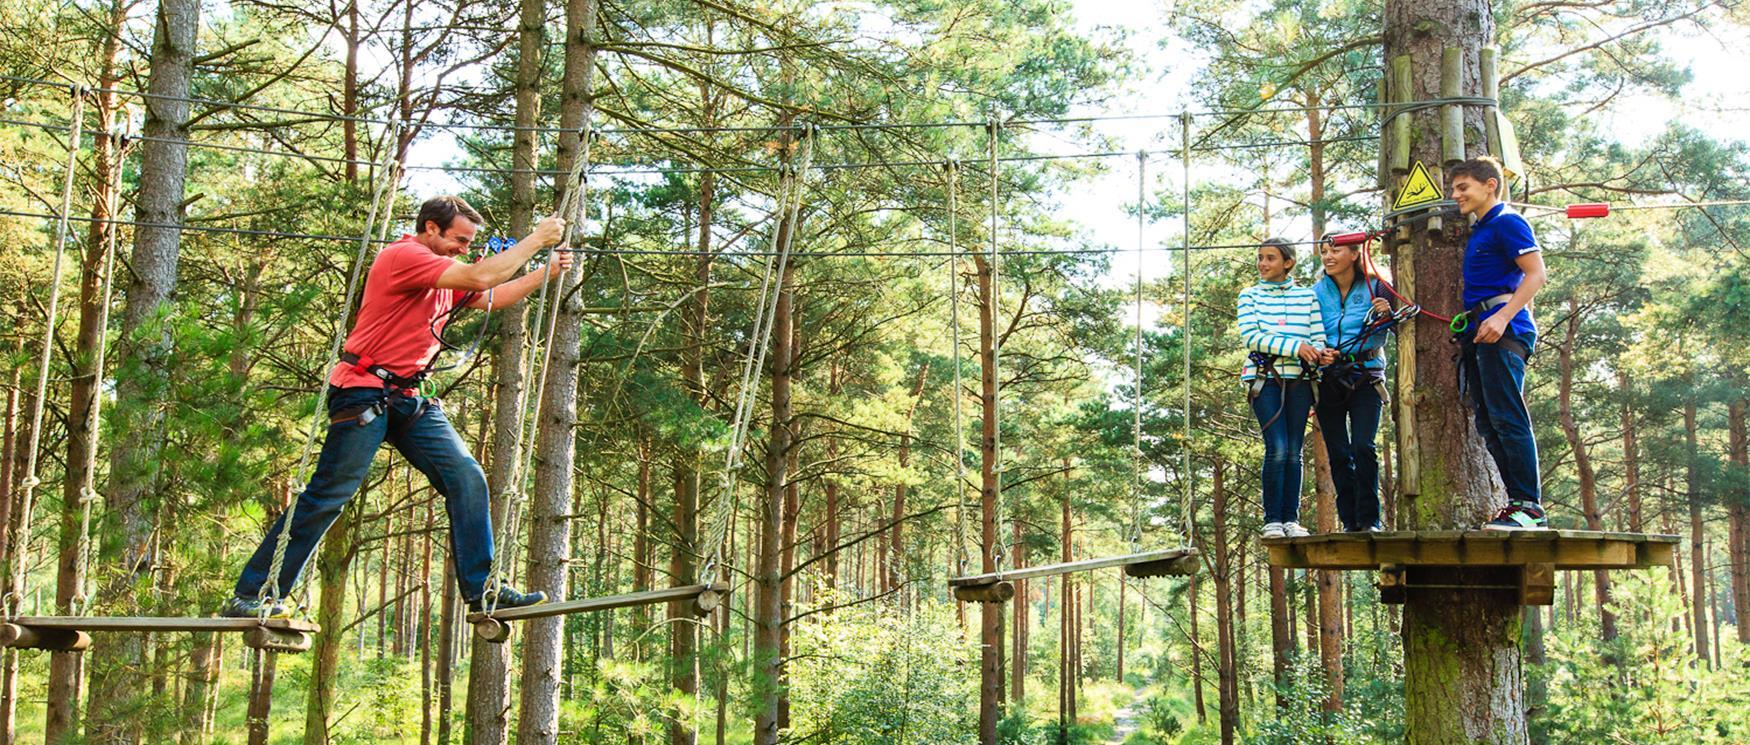 Go Ape Tree Top Adventure |